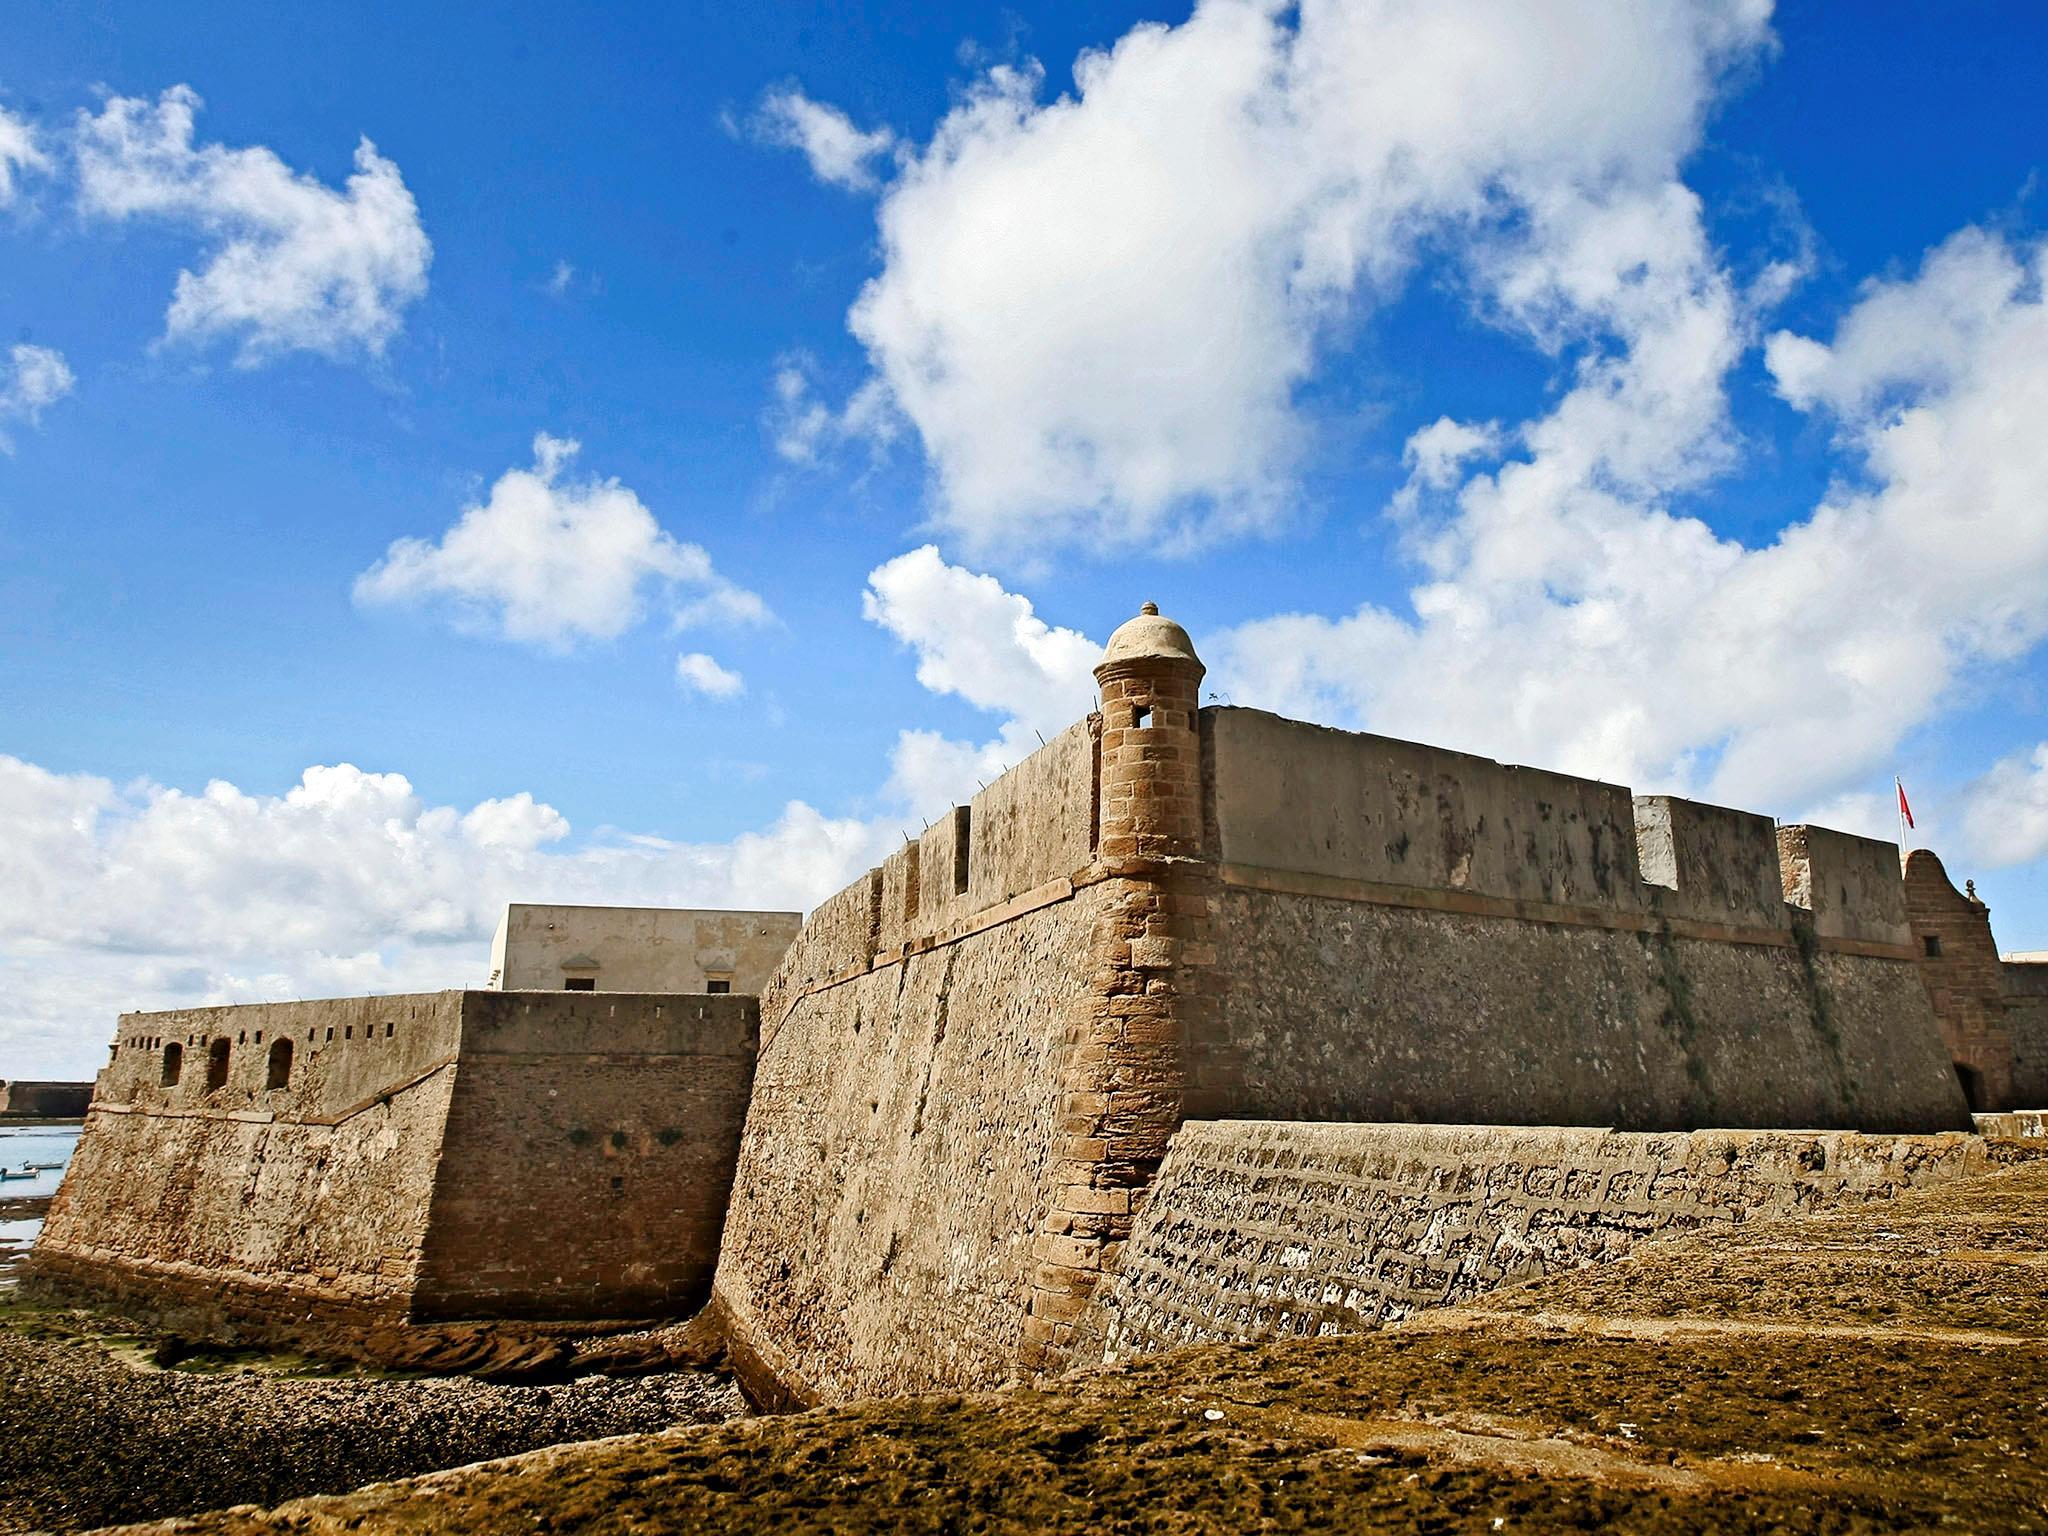 Free-Tour-Caleta-y-Castillos-de-Cadiz-3